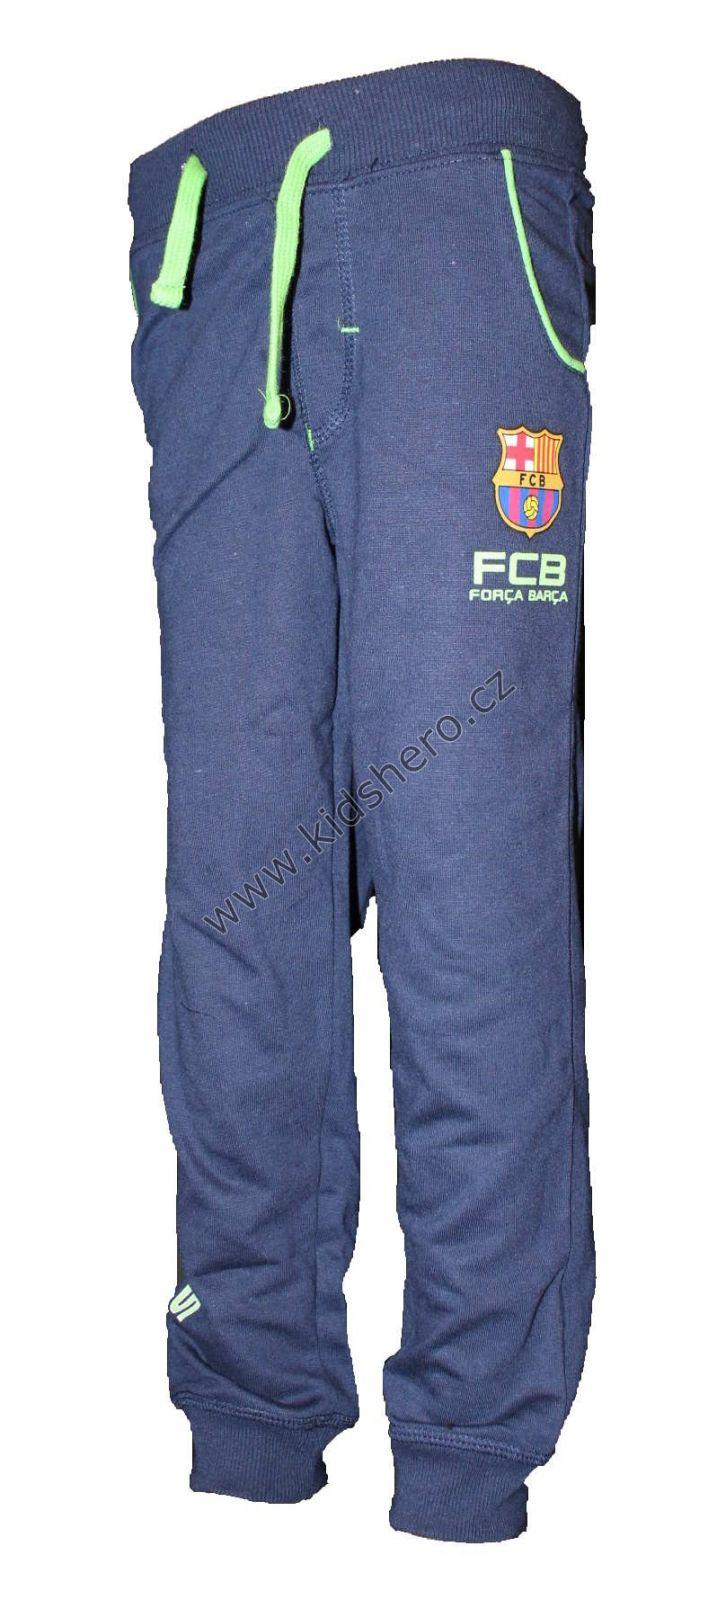 Dětské tepláky FC BARCELONA Messi chlapecké